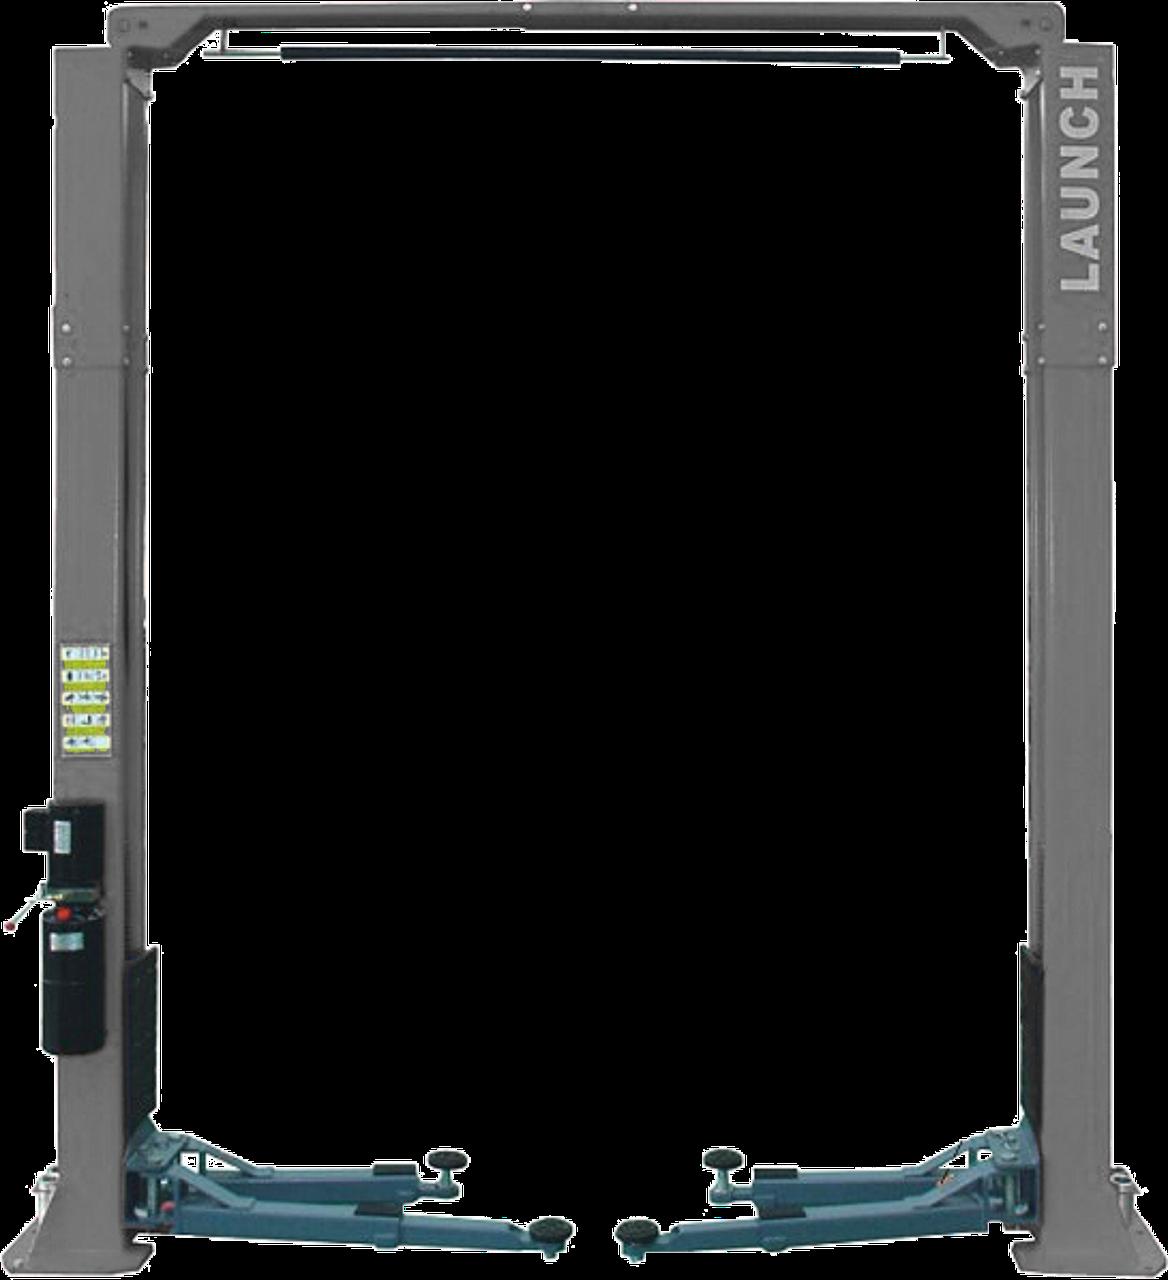 Подъемник двухстоечный LAUNCH TLT-245AT с верхней синхронизацией, г/п 4,5т., усиленные лапы